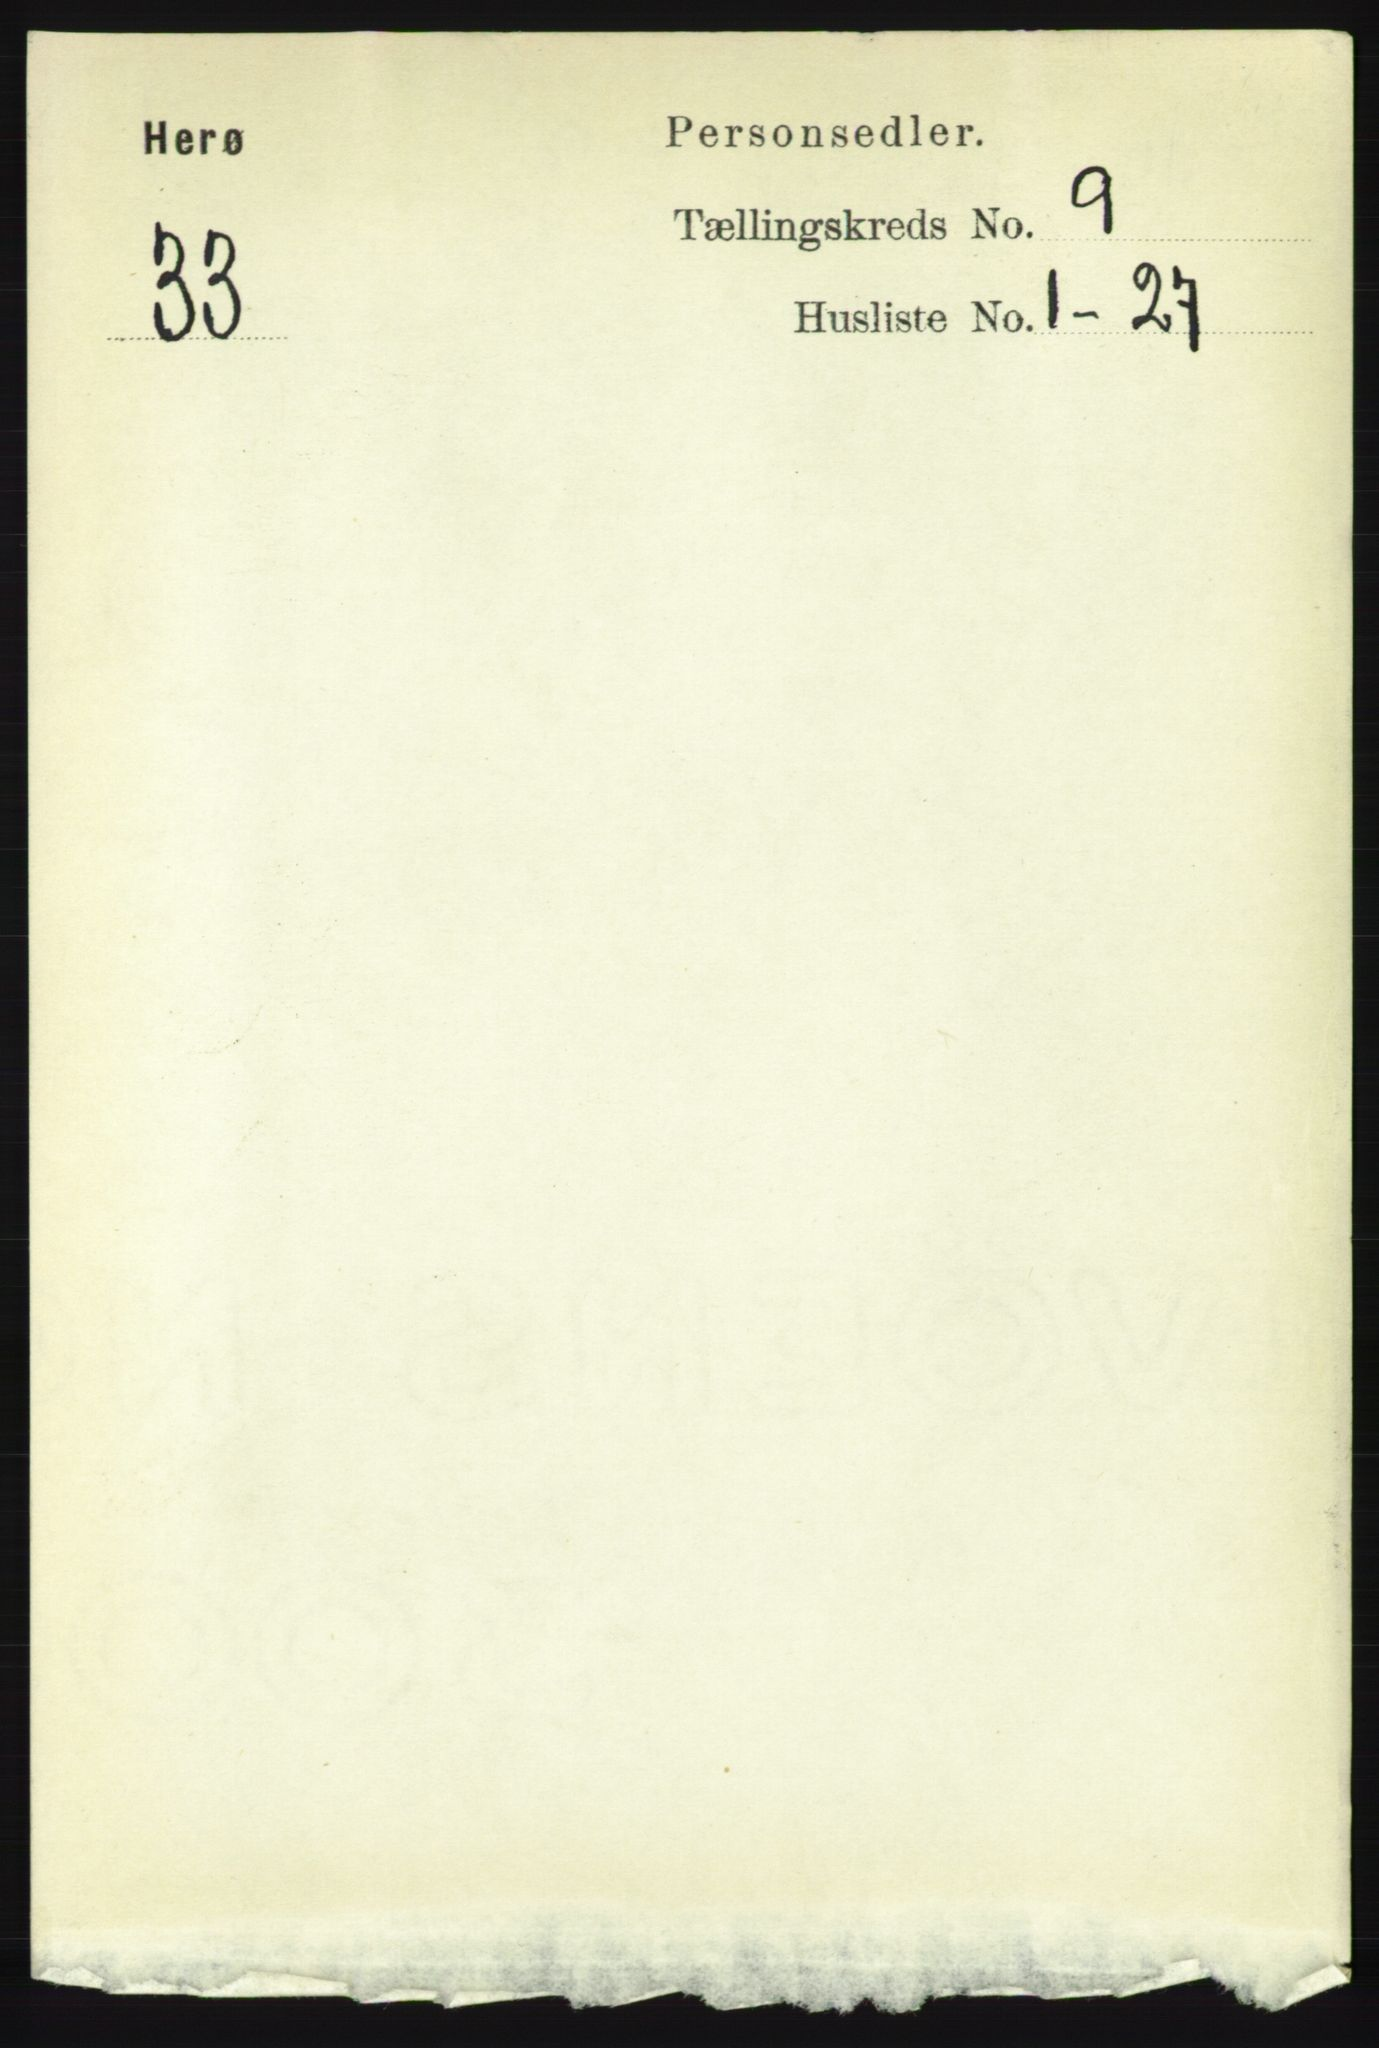 RA, Folketelling 1891 for 1818 Herøy herred, 1891, s. 3519